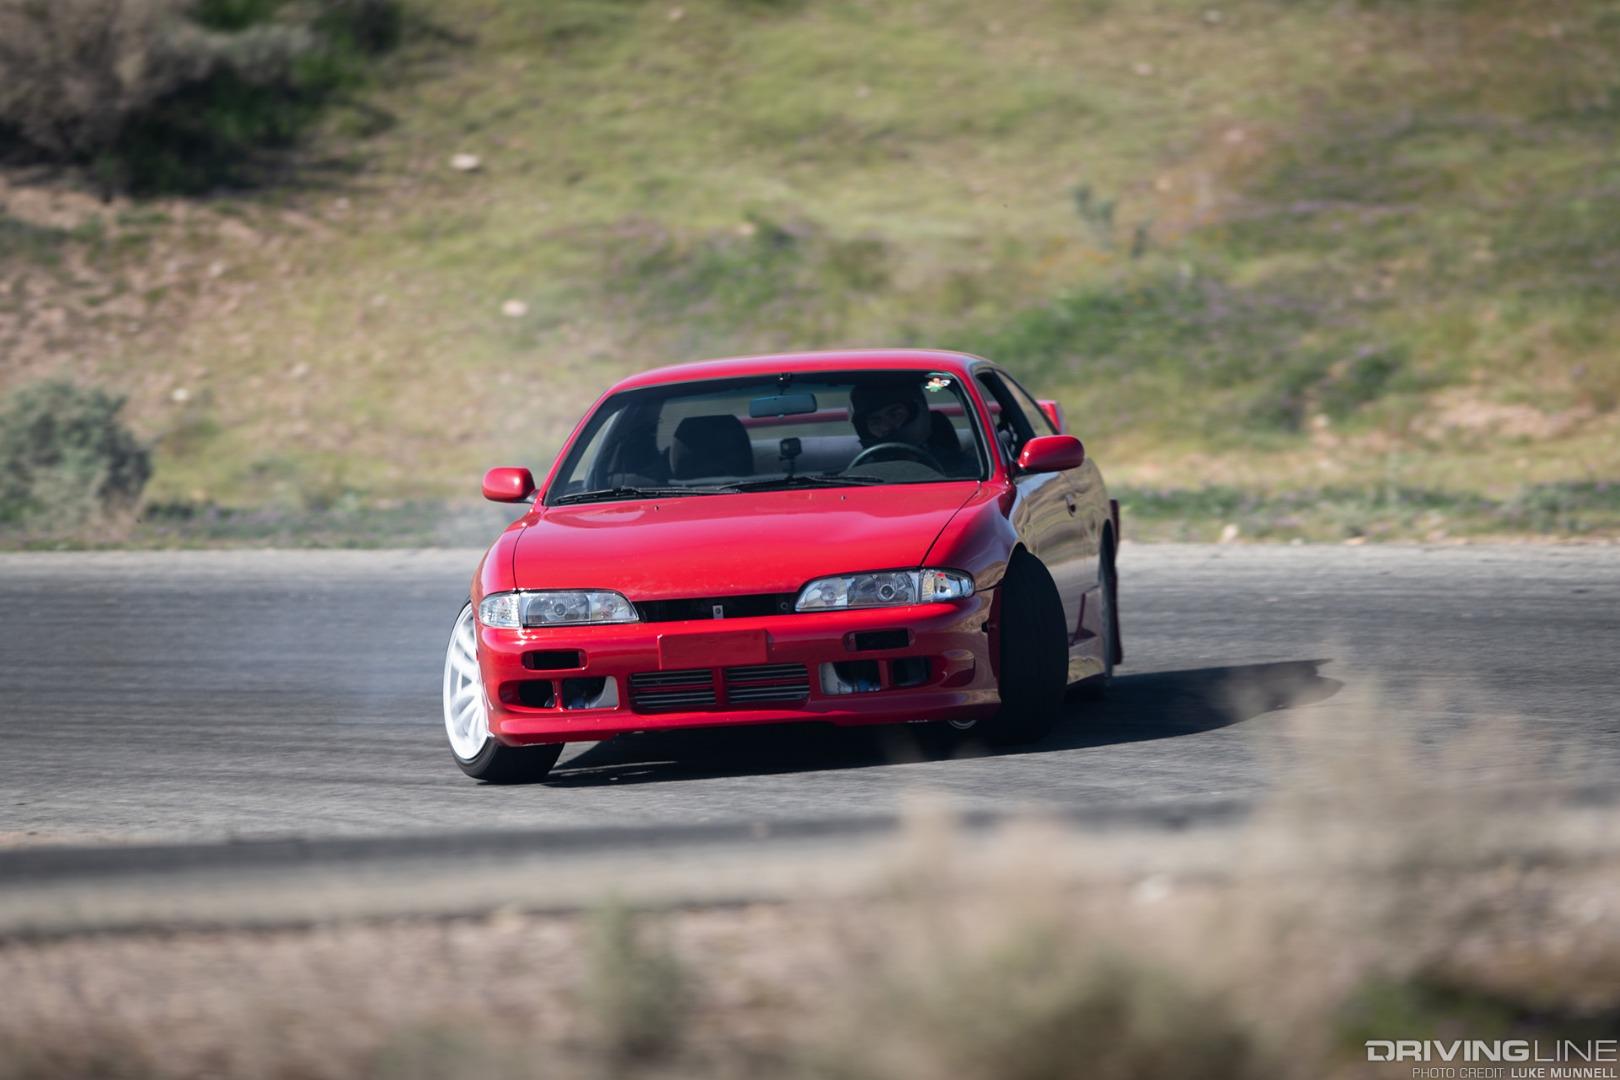 Top 7 Drift Builds From Jimmy Up Matsuri | DrivingLine